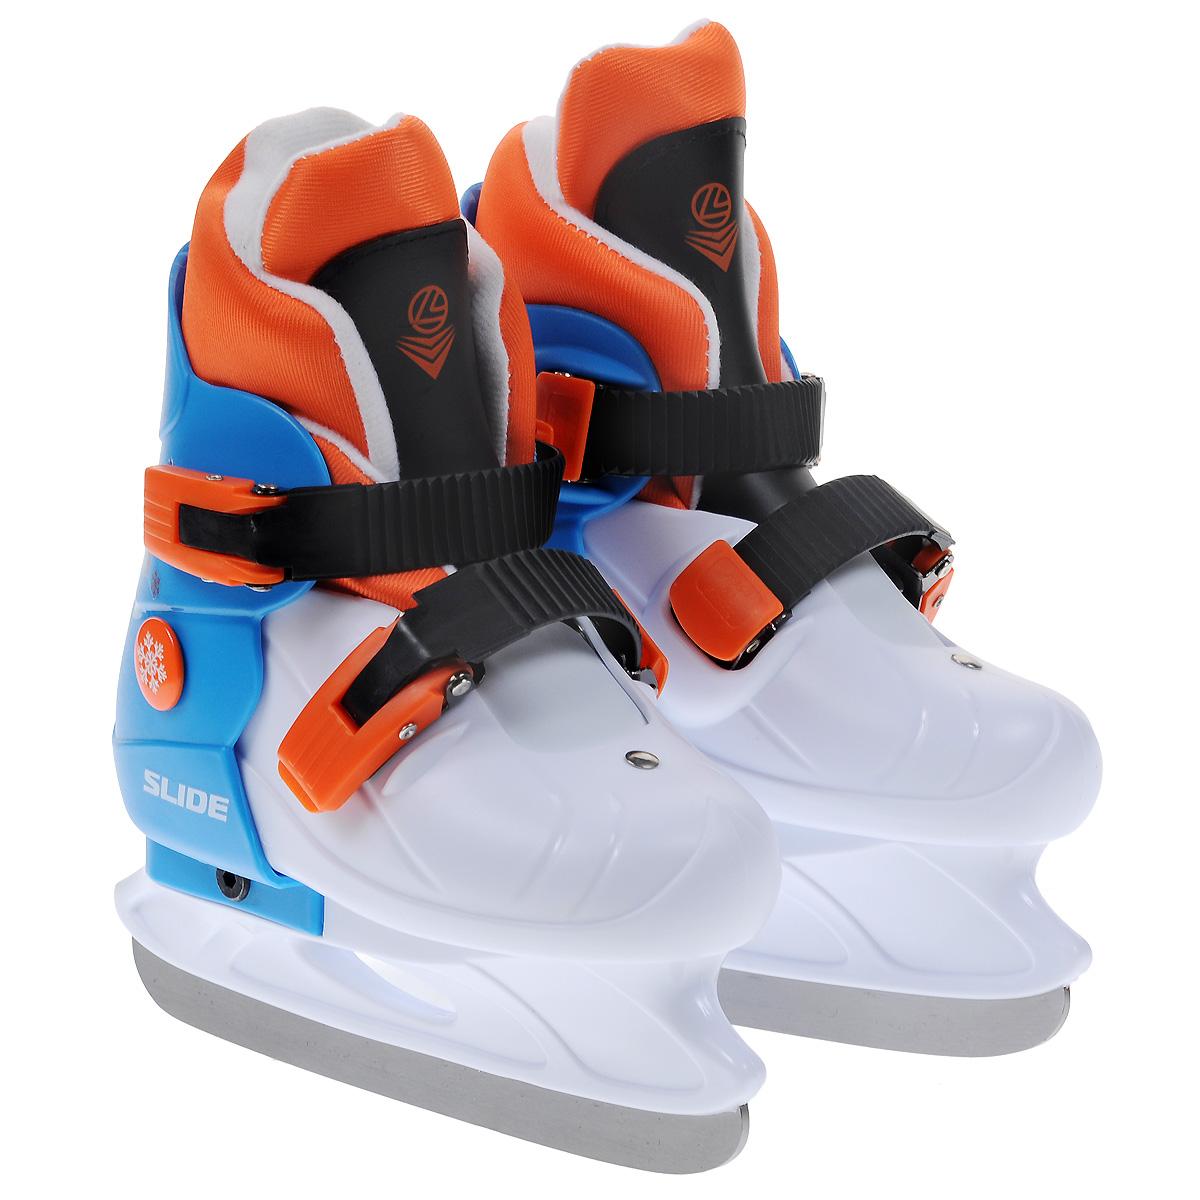 Коньки ледовые детские Larsen Slide, раздвижные, цвет: белый, голубой, оранжевый. Размер S (29/32)ASE-611FДетские ледовые коньки Slide от Larsen отлично подойдут для начинающих обучаться катанию. Ботинки изготовлены из морозостойкого полипропилена, который защитит ноги от ударов. Пластиковые регулируемые бакли надежно фиксируют голеностоп. Внутренний сапожок выполнен из мягкого текстильного материала с поролоновой вставкой, который обеспечит тепло и комфорт во время катания.Лезвие выполнено из нержавеющей стали.Особенностью коньков является раздвижная конструкция, которая позволяет увеличивать размер ботинка по мере роста ноги ребенка. У сапожка пяточная часть крепится при помощи липучек, что также позволит увеличить размер.Температура использования: до -20°С.